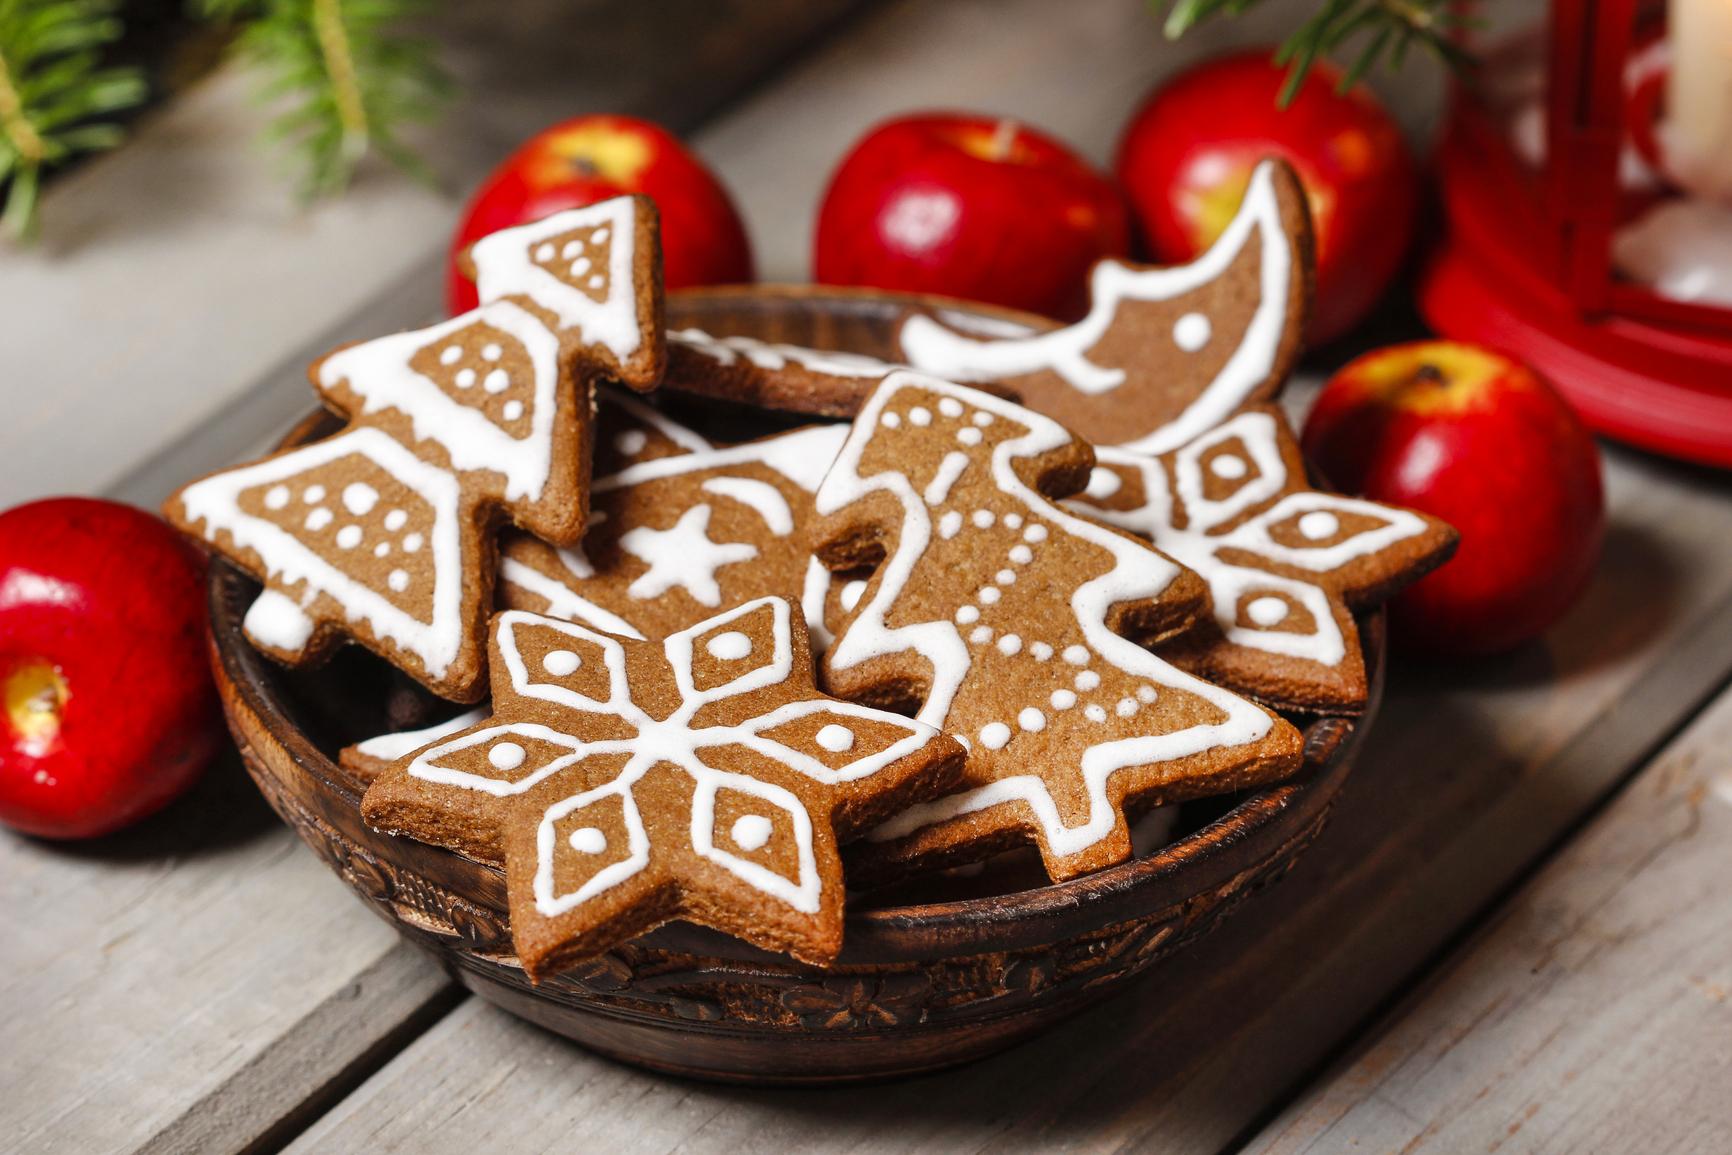 фоллс пряники имбирные новогодние рецепты с фото тебе духи подарок